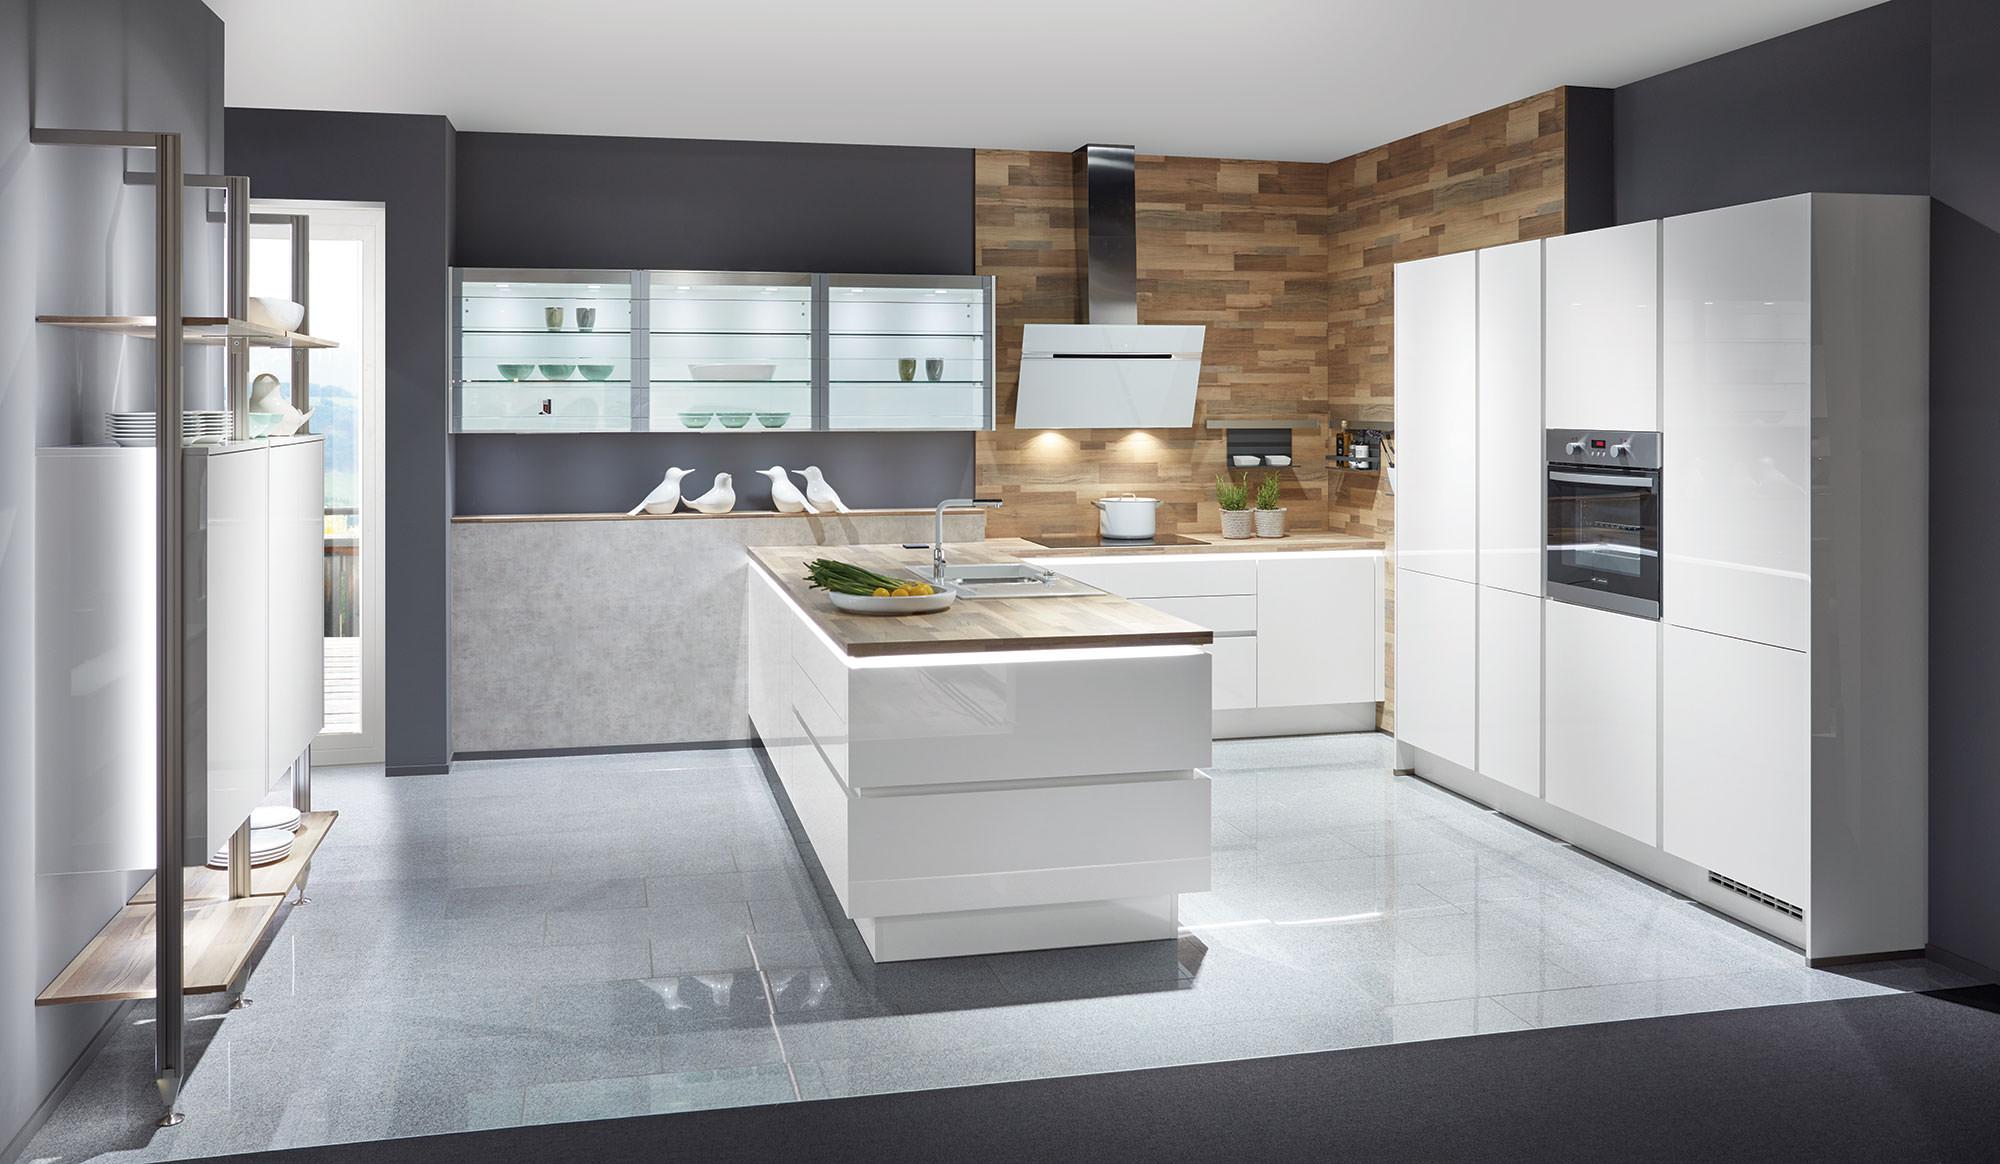 Faites votre choix parmi une large palette de coloris et de matières et créez la cuisine moderne de vos rêves.